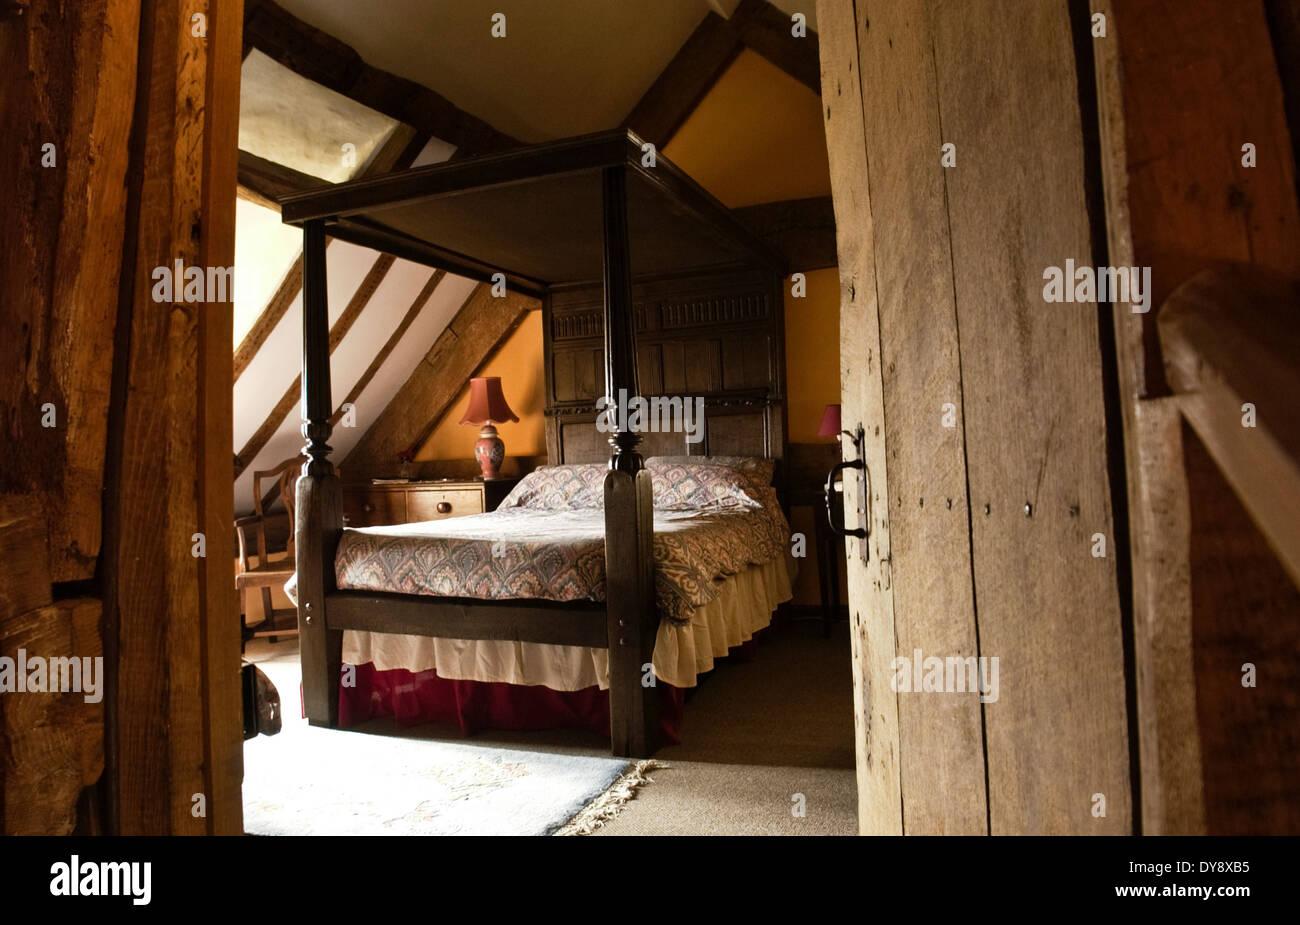 Camere Da Letto Medievali : Camera da letto a olchon corte xiv secolo casale medievale